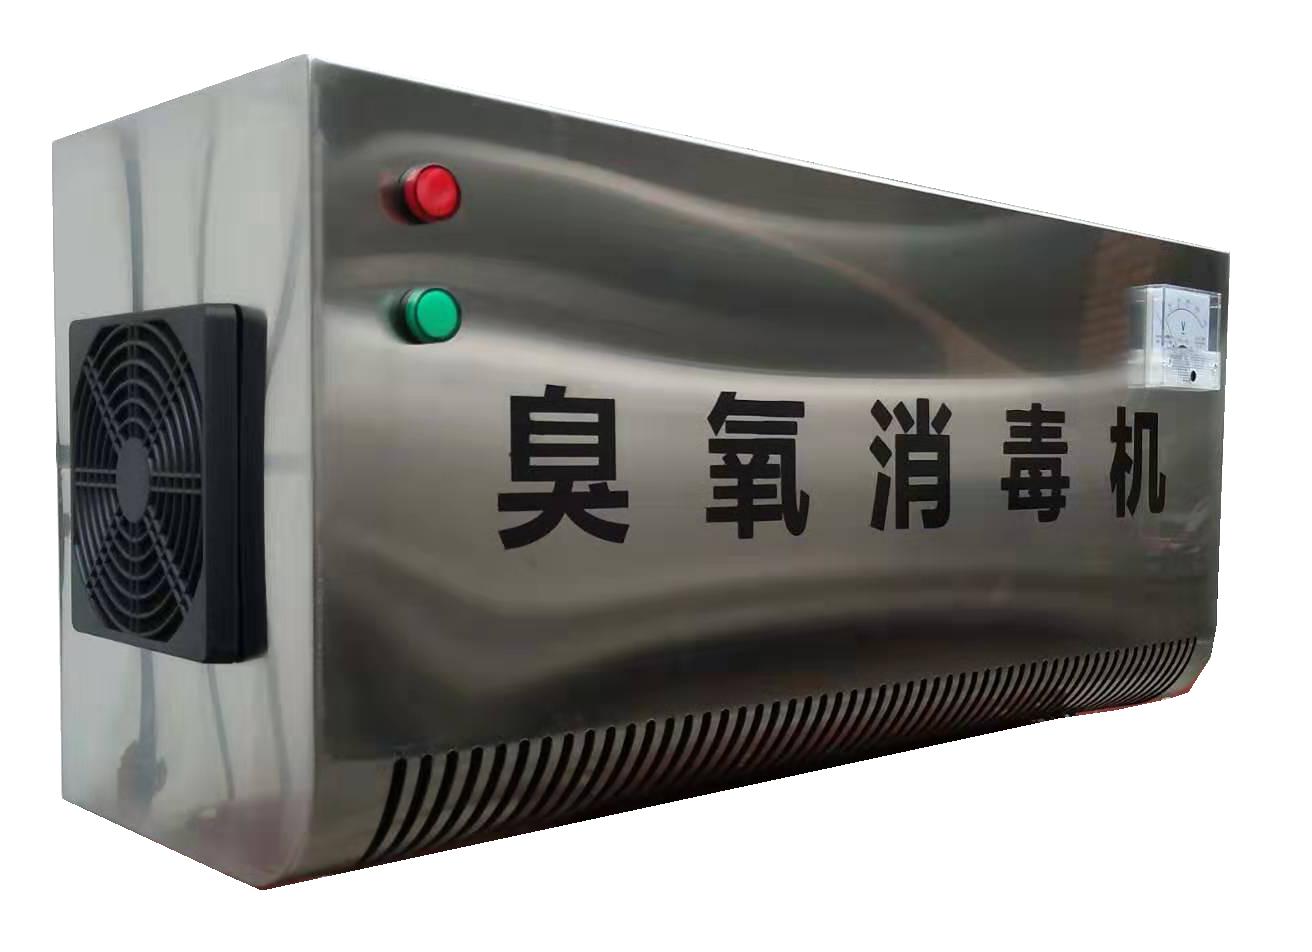 口碑好的臭氧消毒机多少钱_壁挂式费用-新乡市鑫阳铜净化科技有限公司